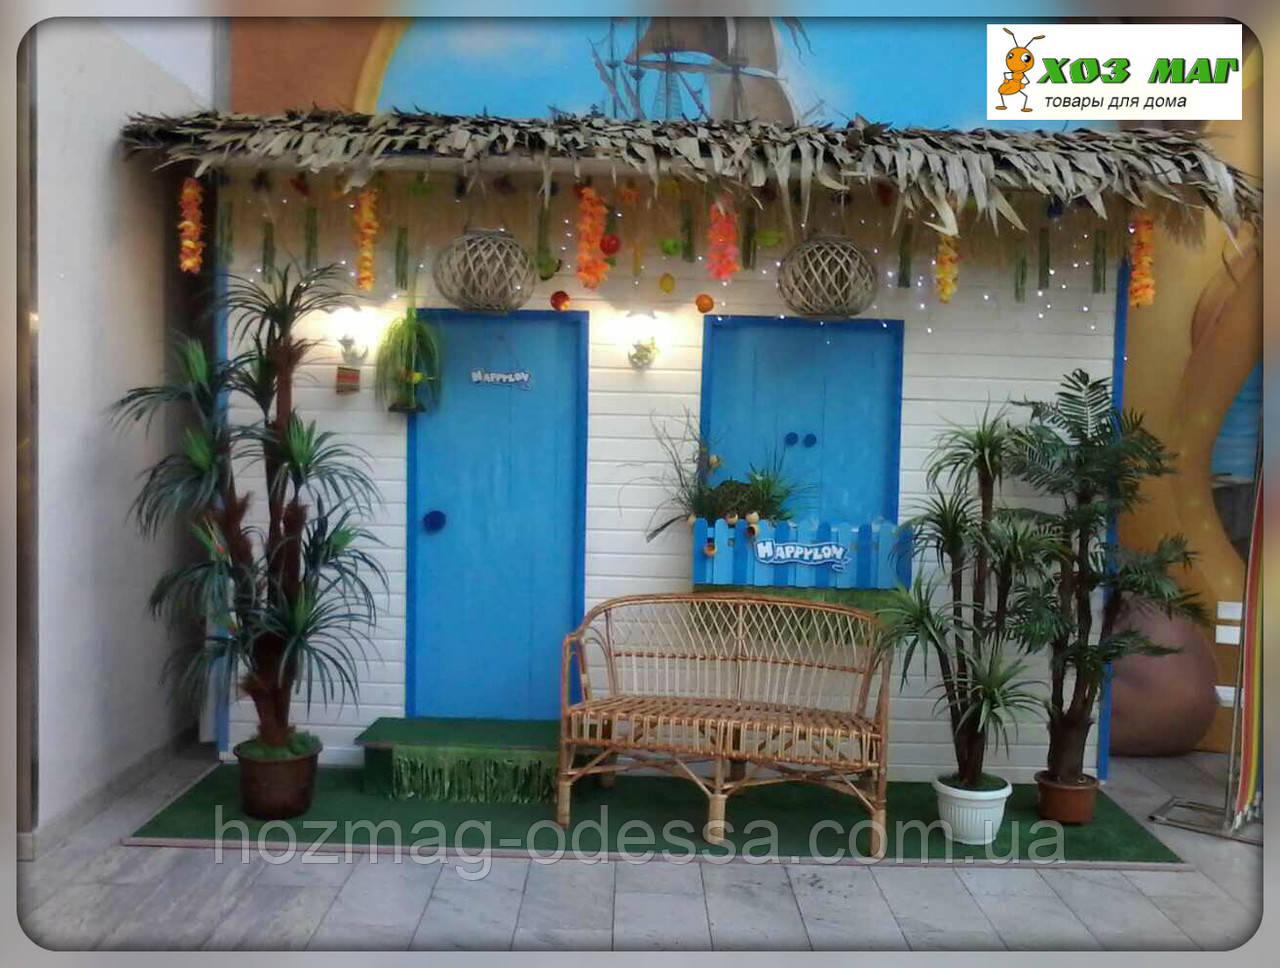 Планшет из листьев кокосовый пальмы с полипропиленовой лентой